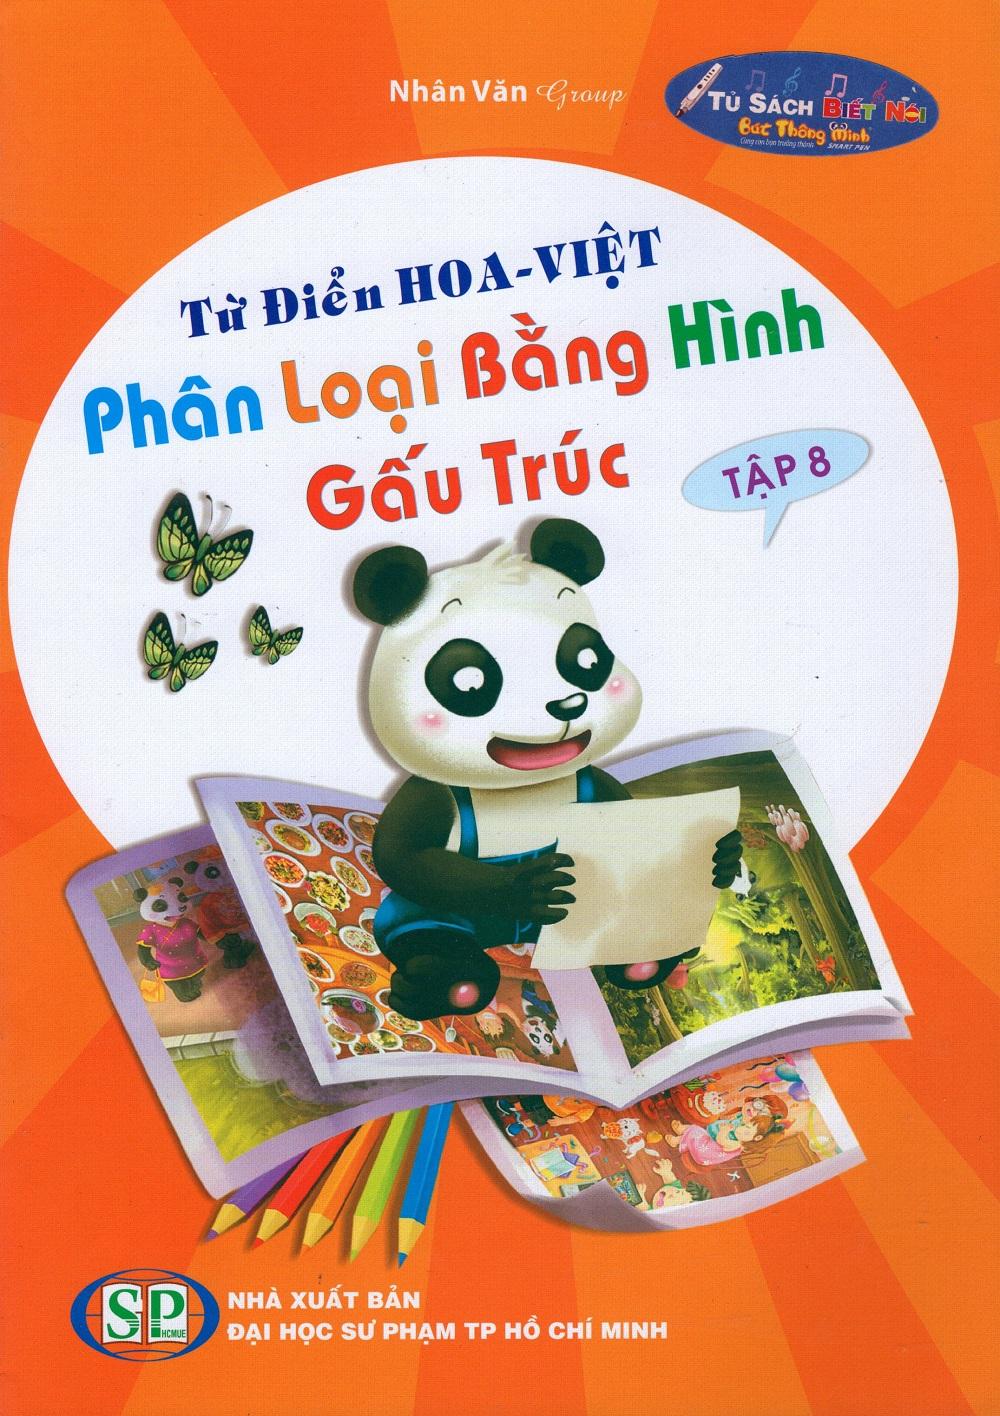 Bìa sách Từ Điển Hoa - Việt Phân Loại Bằng Hình Gấu Trúc (Tập 8)